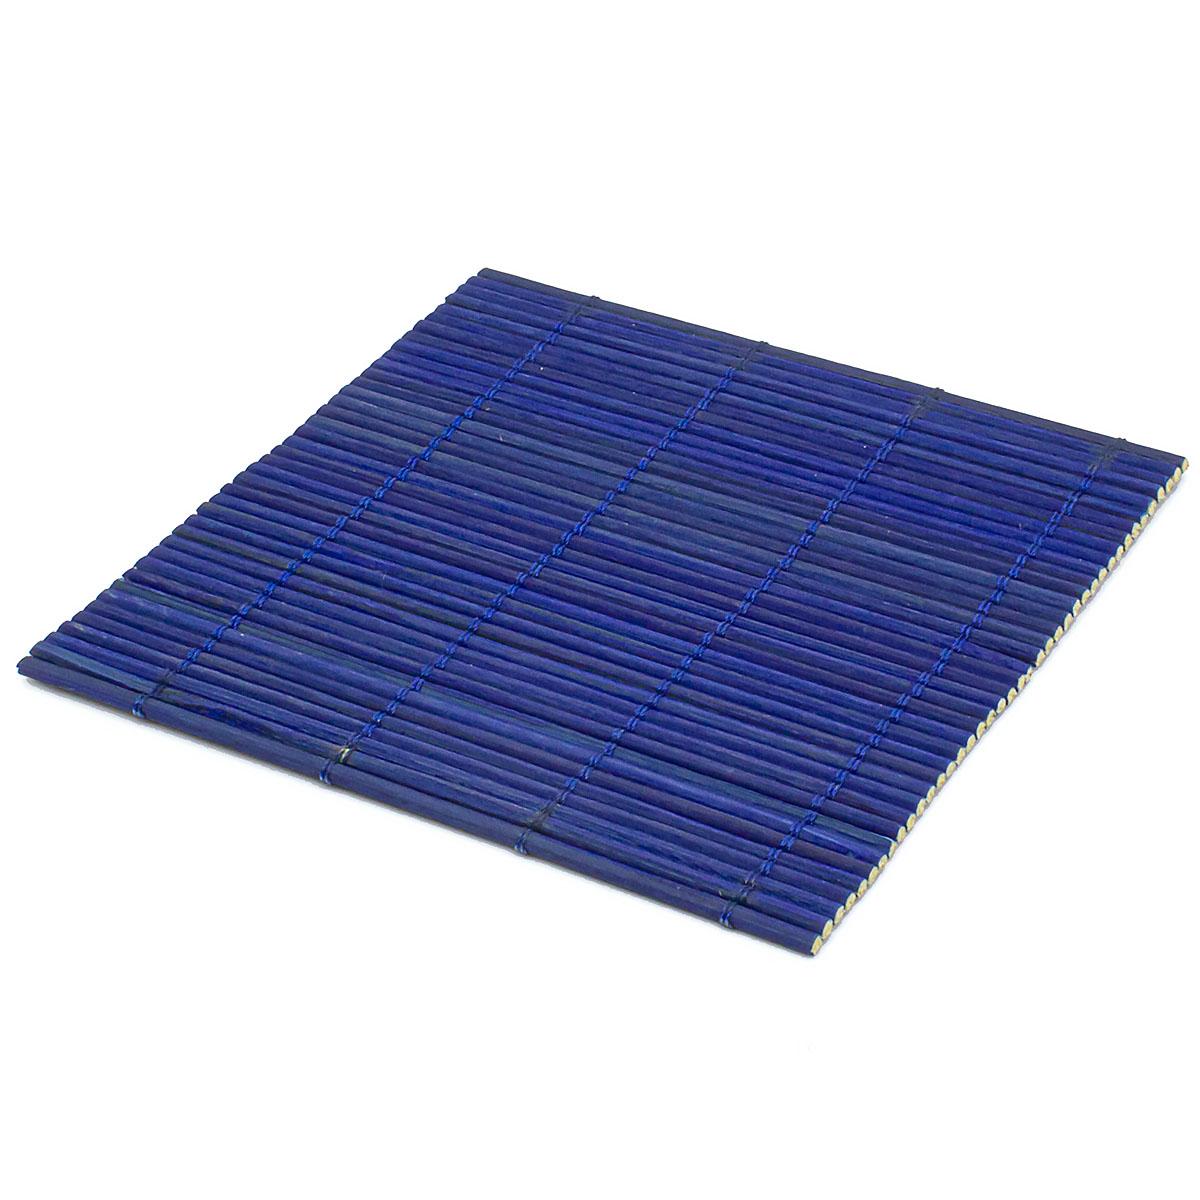 Набор чайных циновок (бамбук), синие, 10 х 10 см, 5 шт/упак